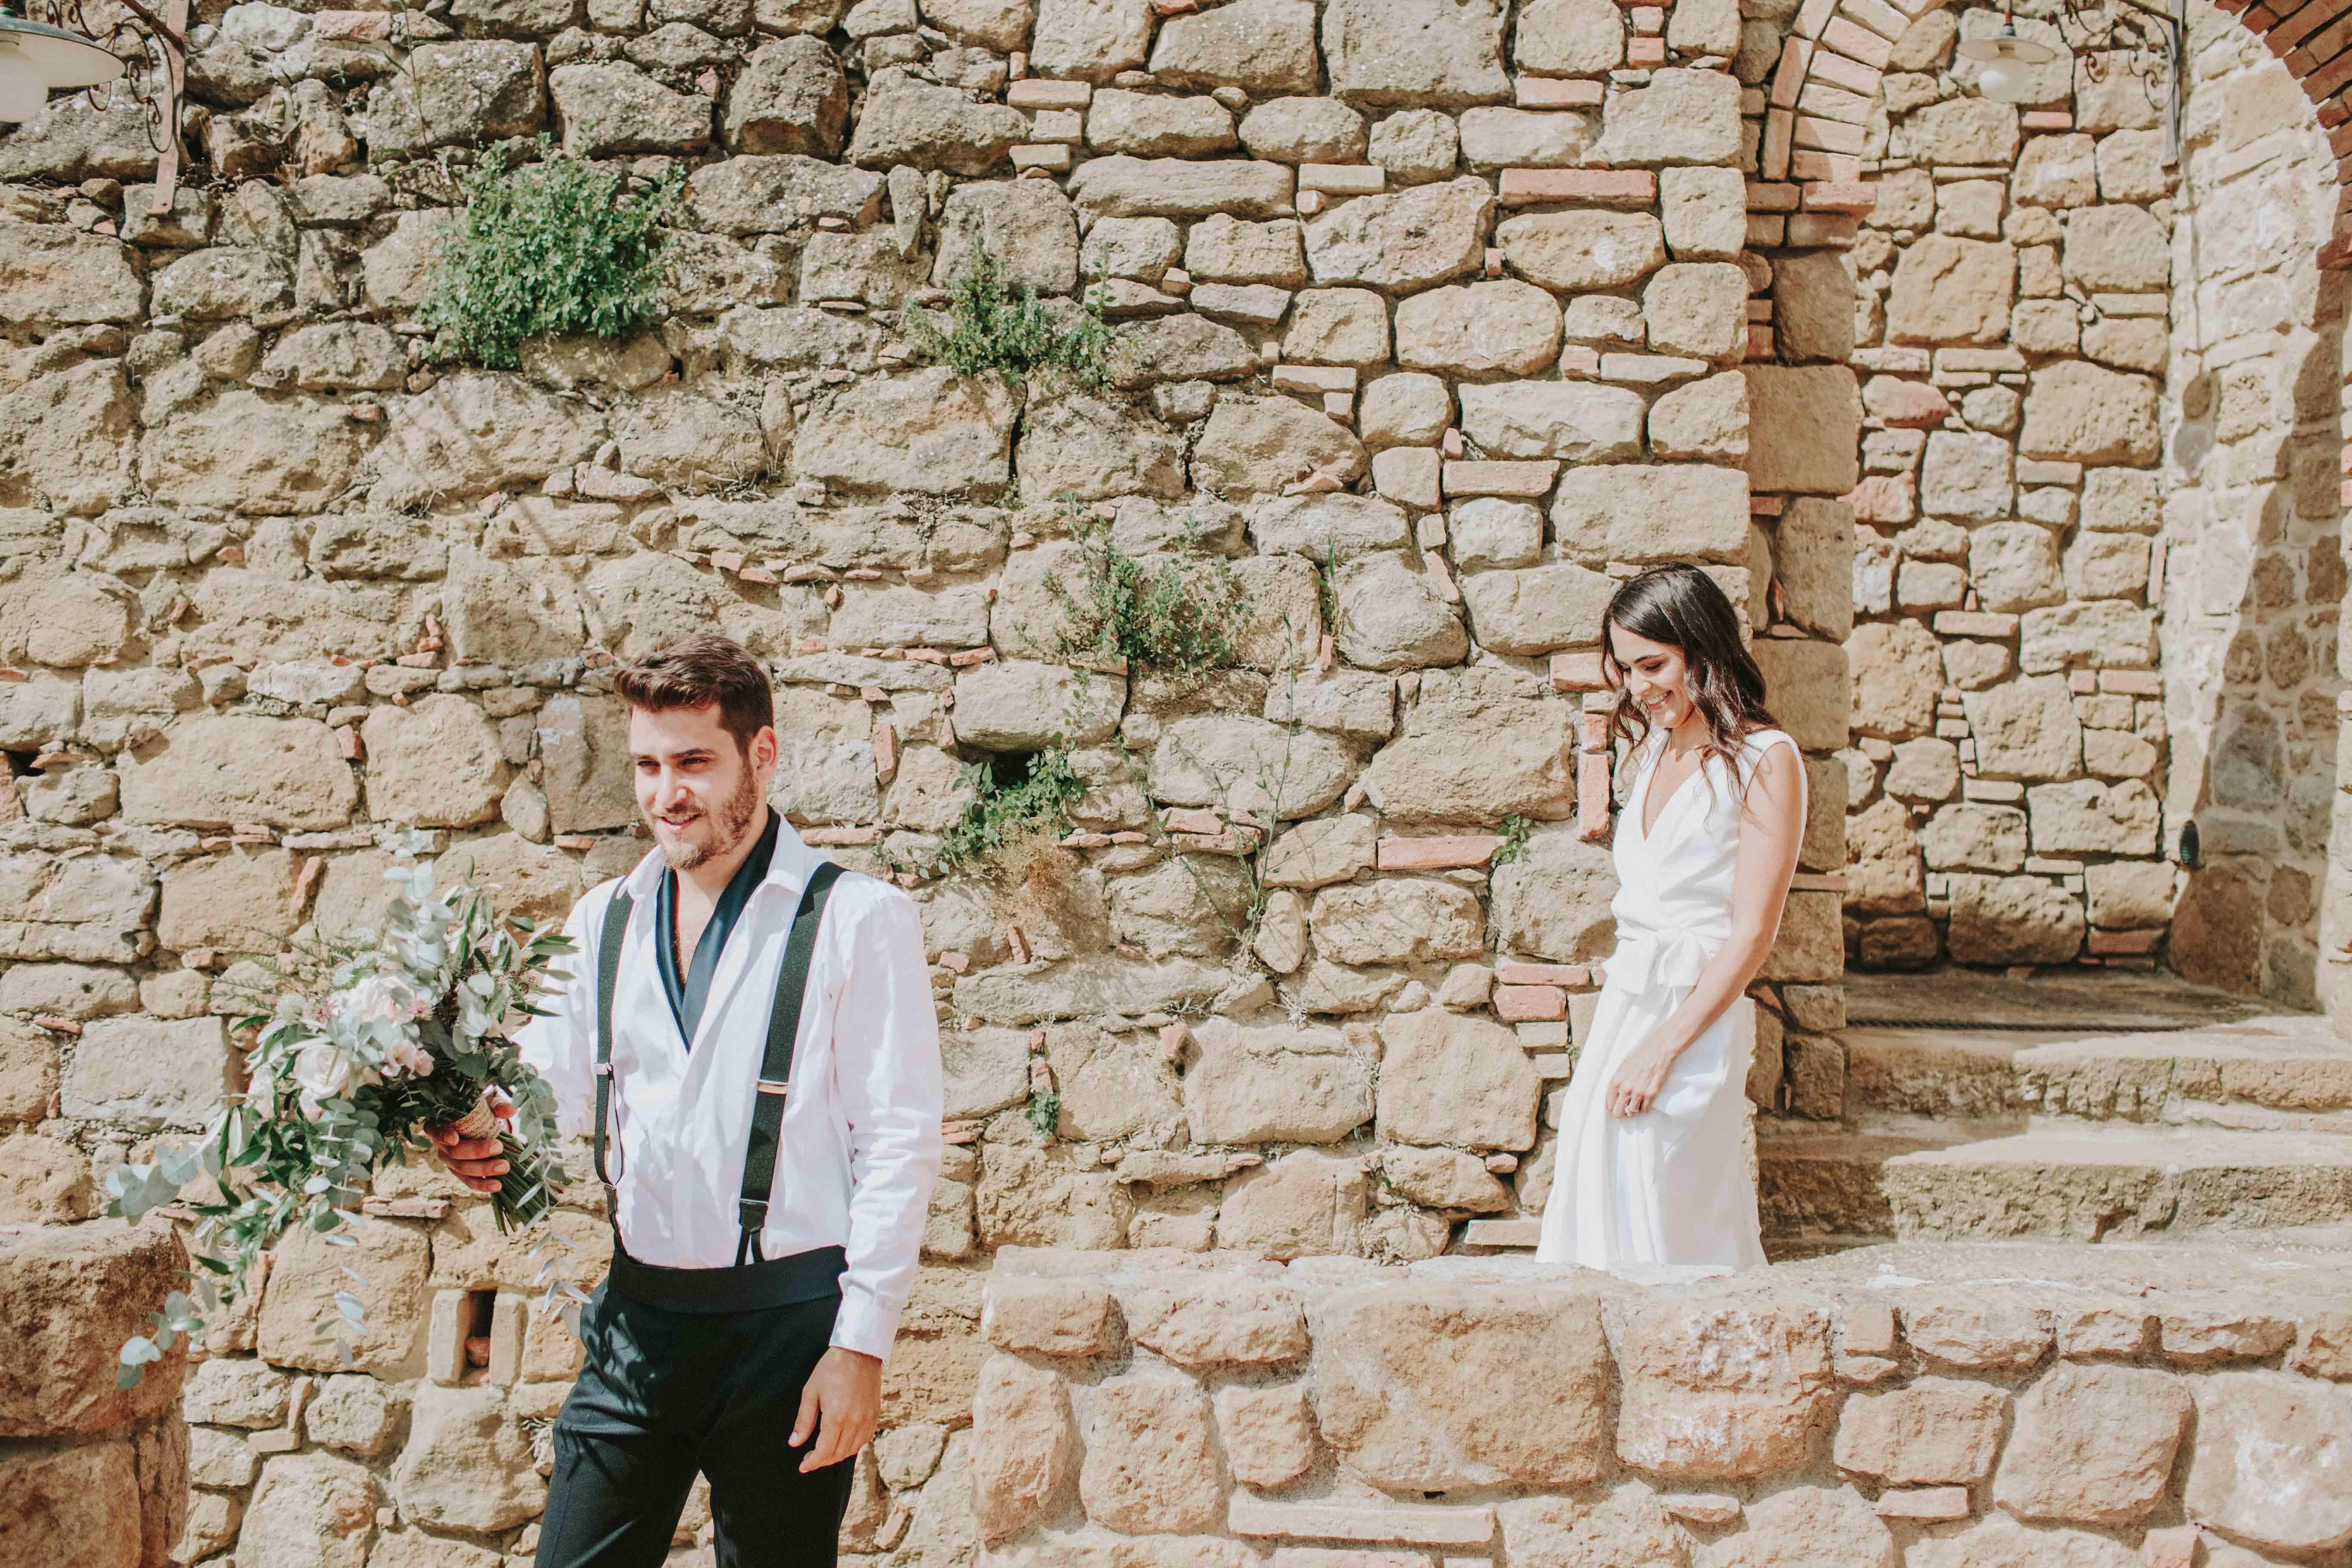 חתונה בטוסקנה, שמלה מפריז, אורחים מישראל